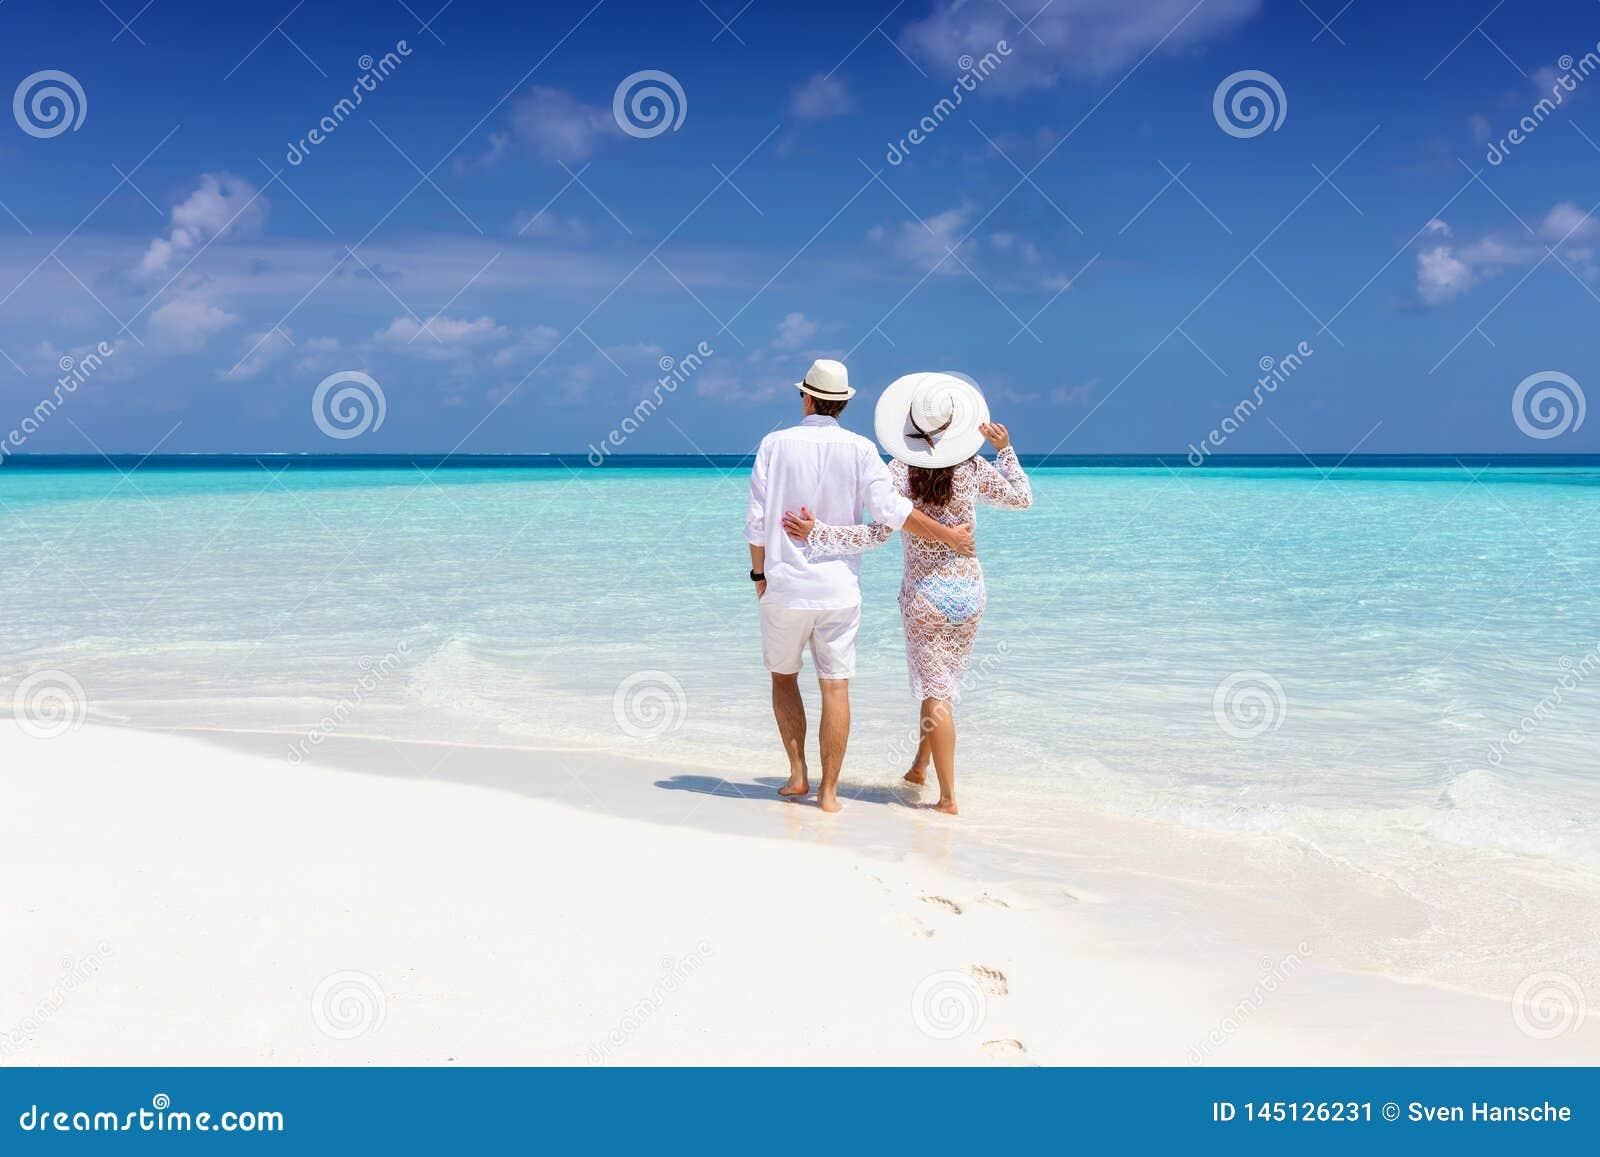 El par camina a lo largo de una playa tropical en los Maldivas